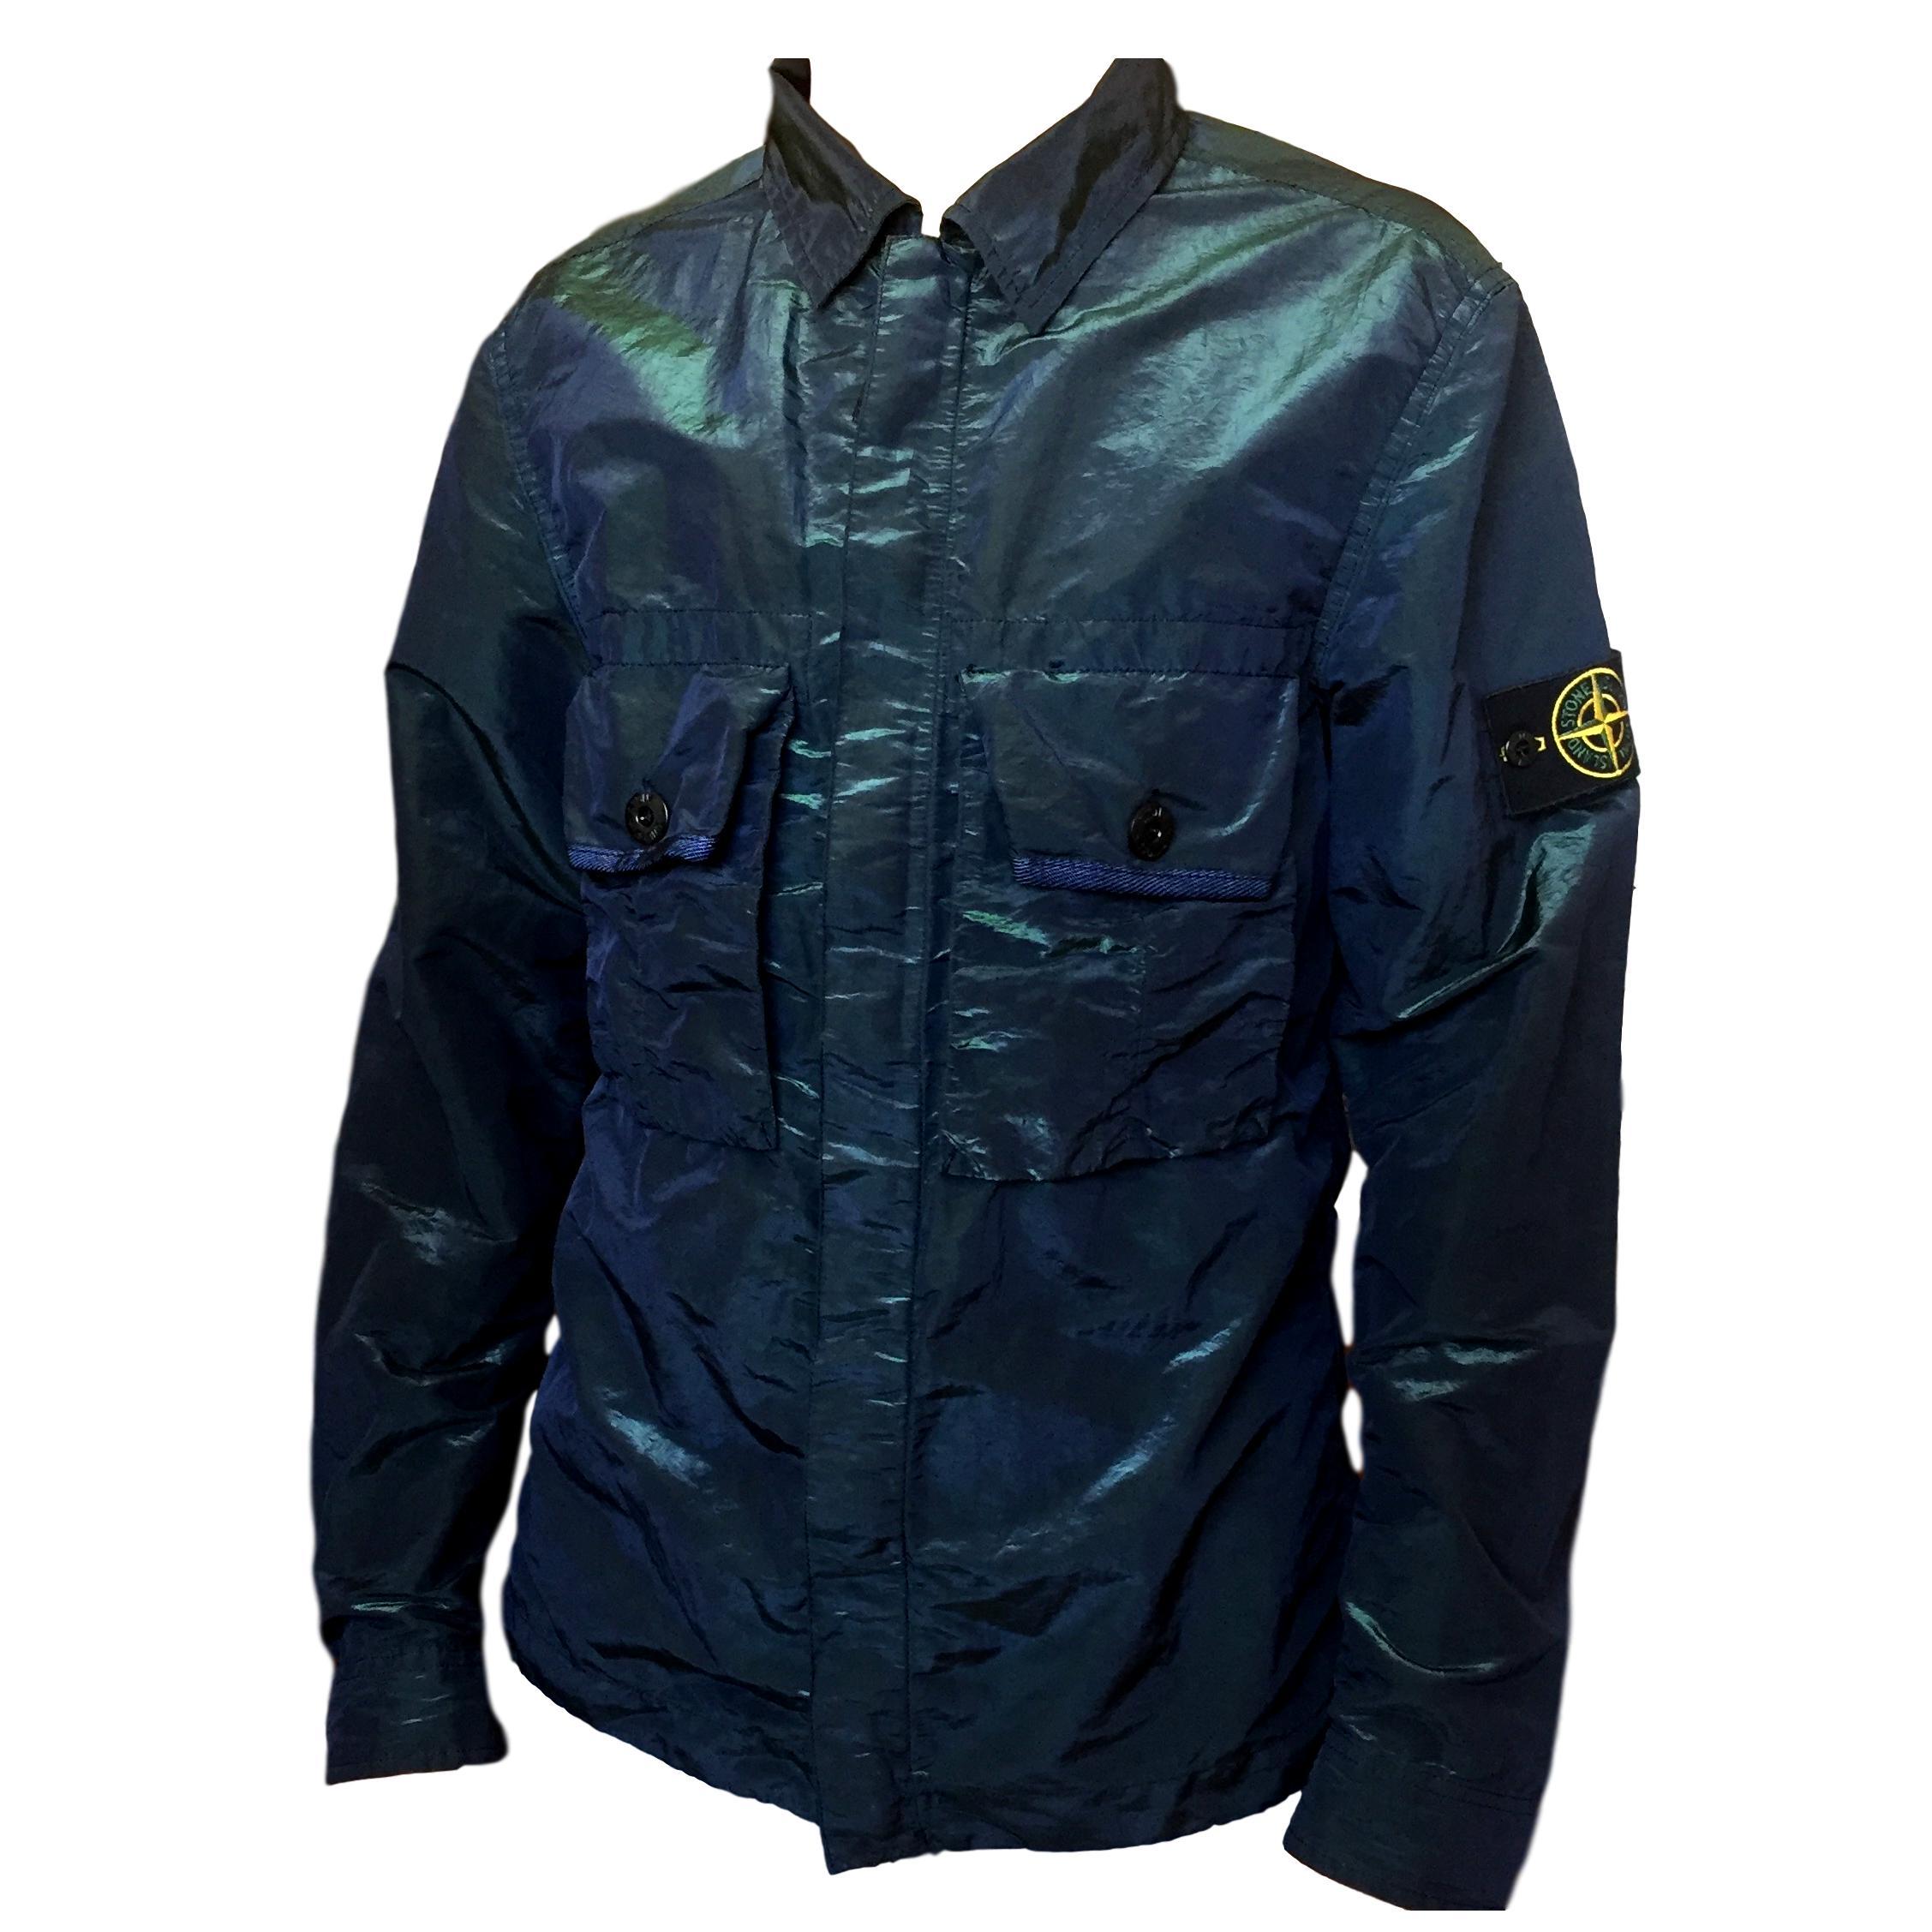 f5d050d4e15f Купить куртку, пуховик Stone Island за 19700 руб. в интернет ...